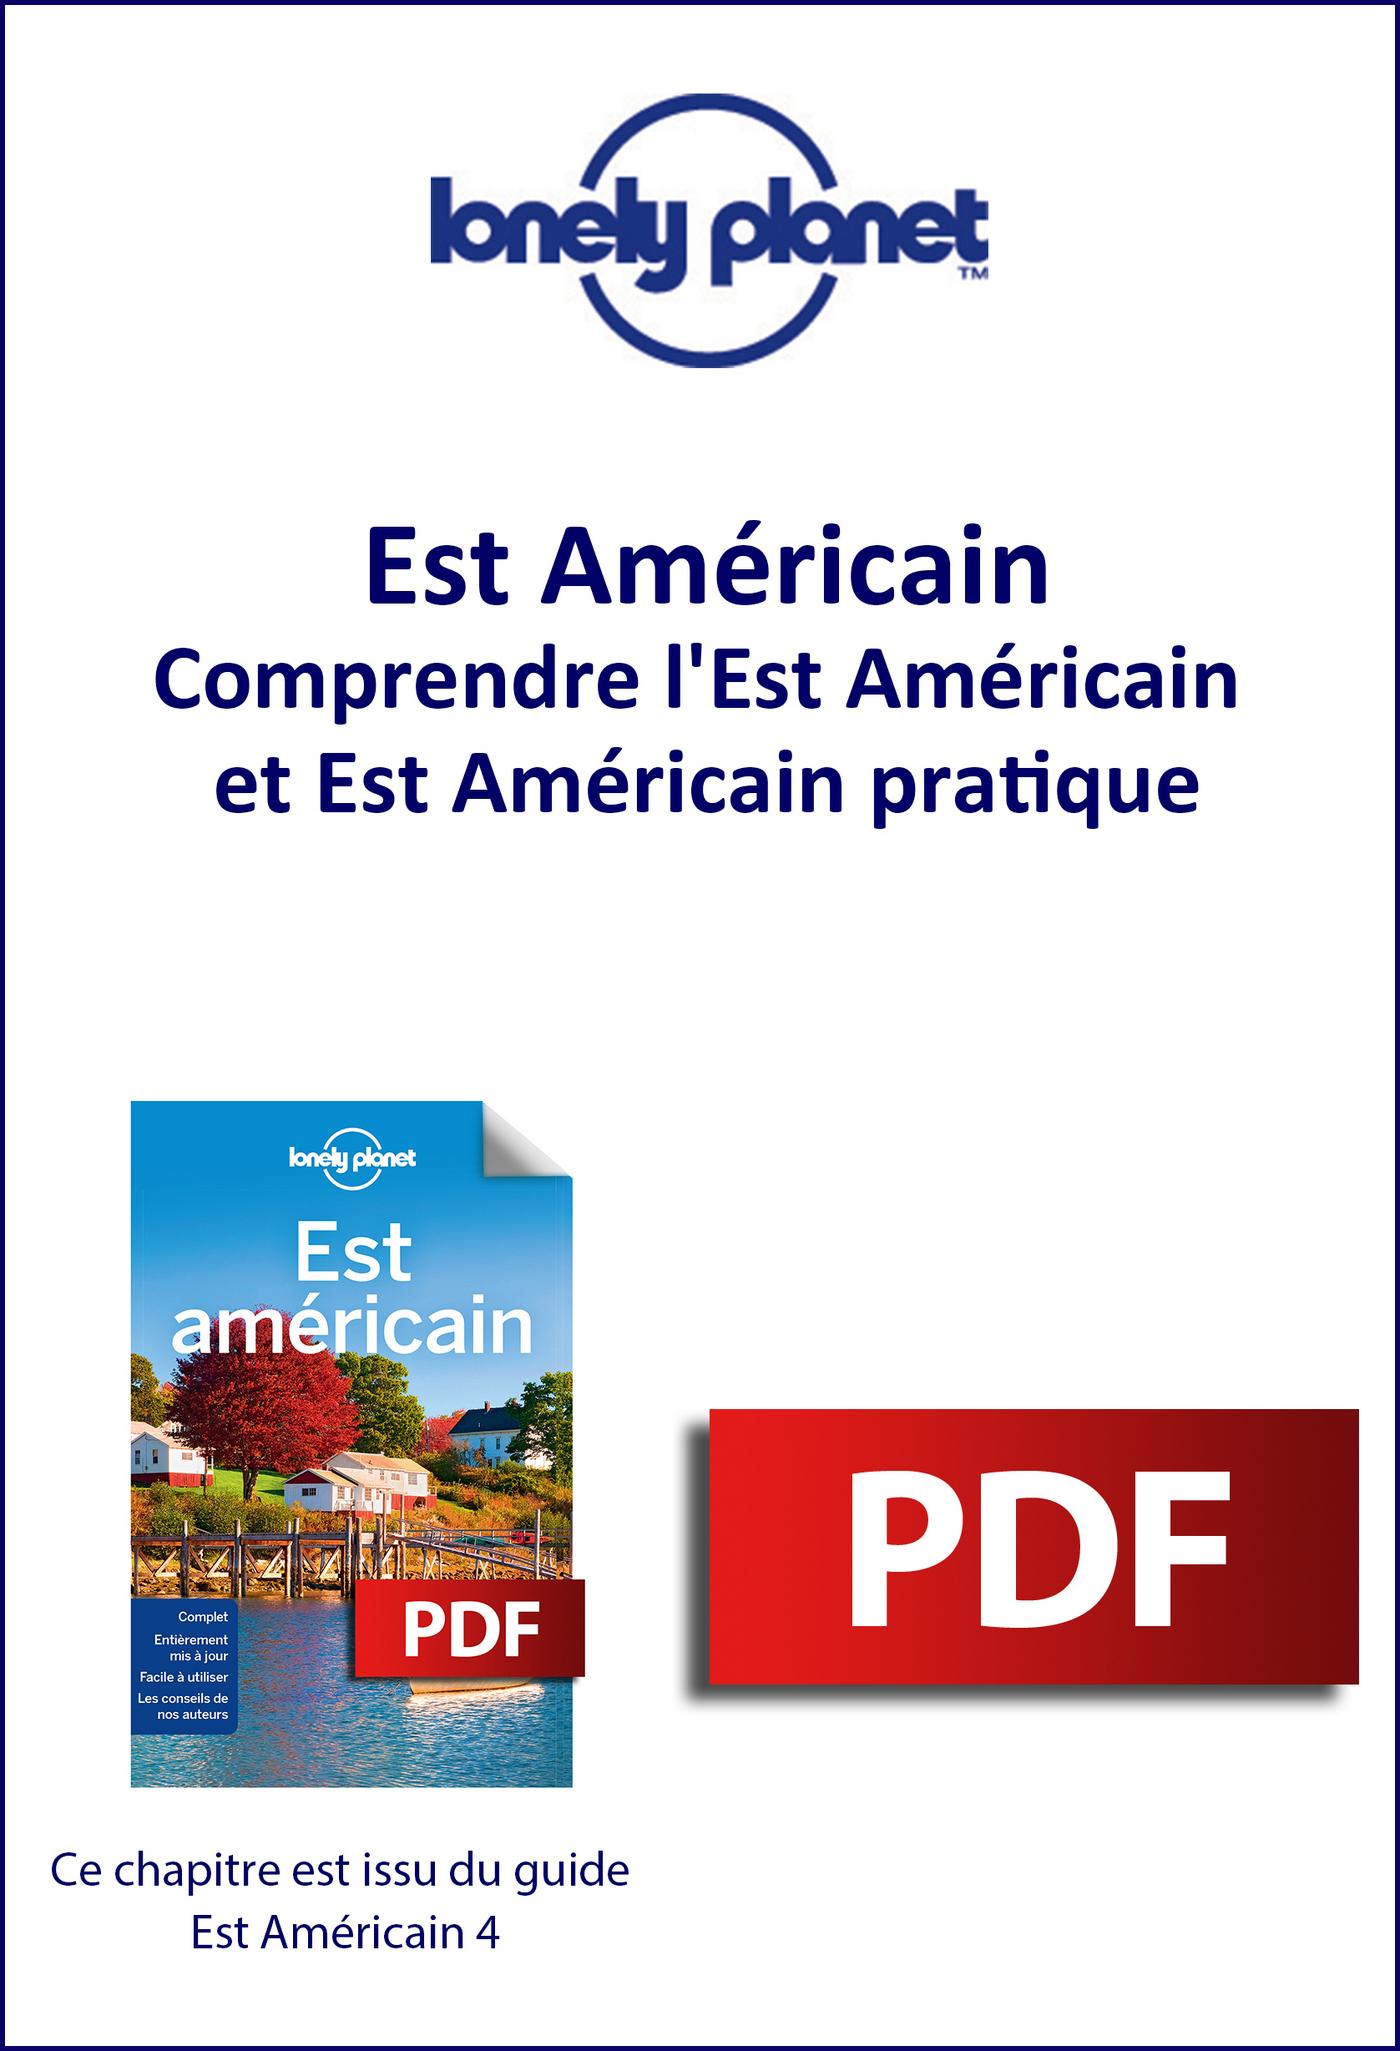 Est Américain - Comprendre l'Est Américain et Est Américain pratique